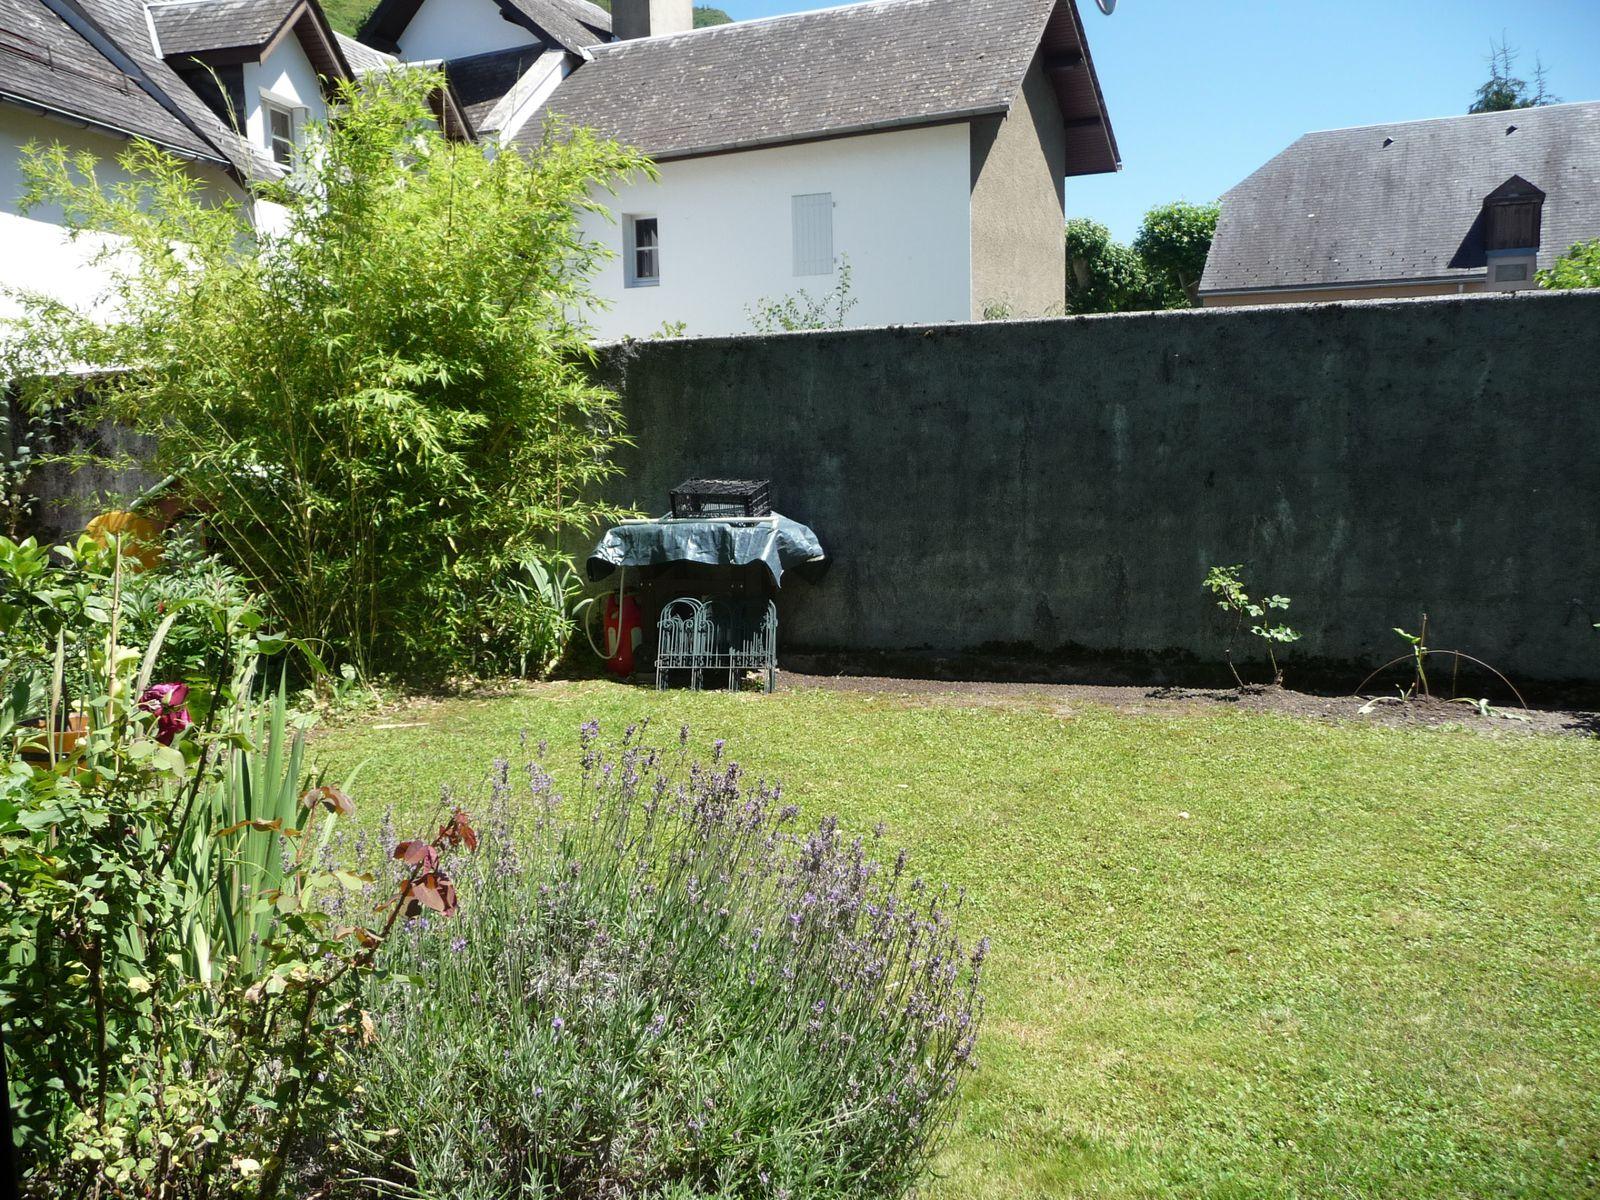 Nettoyage au jardin des fleurs chez vikki for Nettoyage de jardin